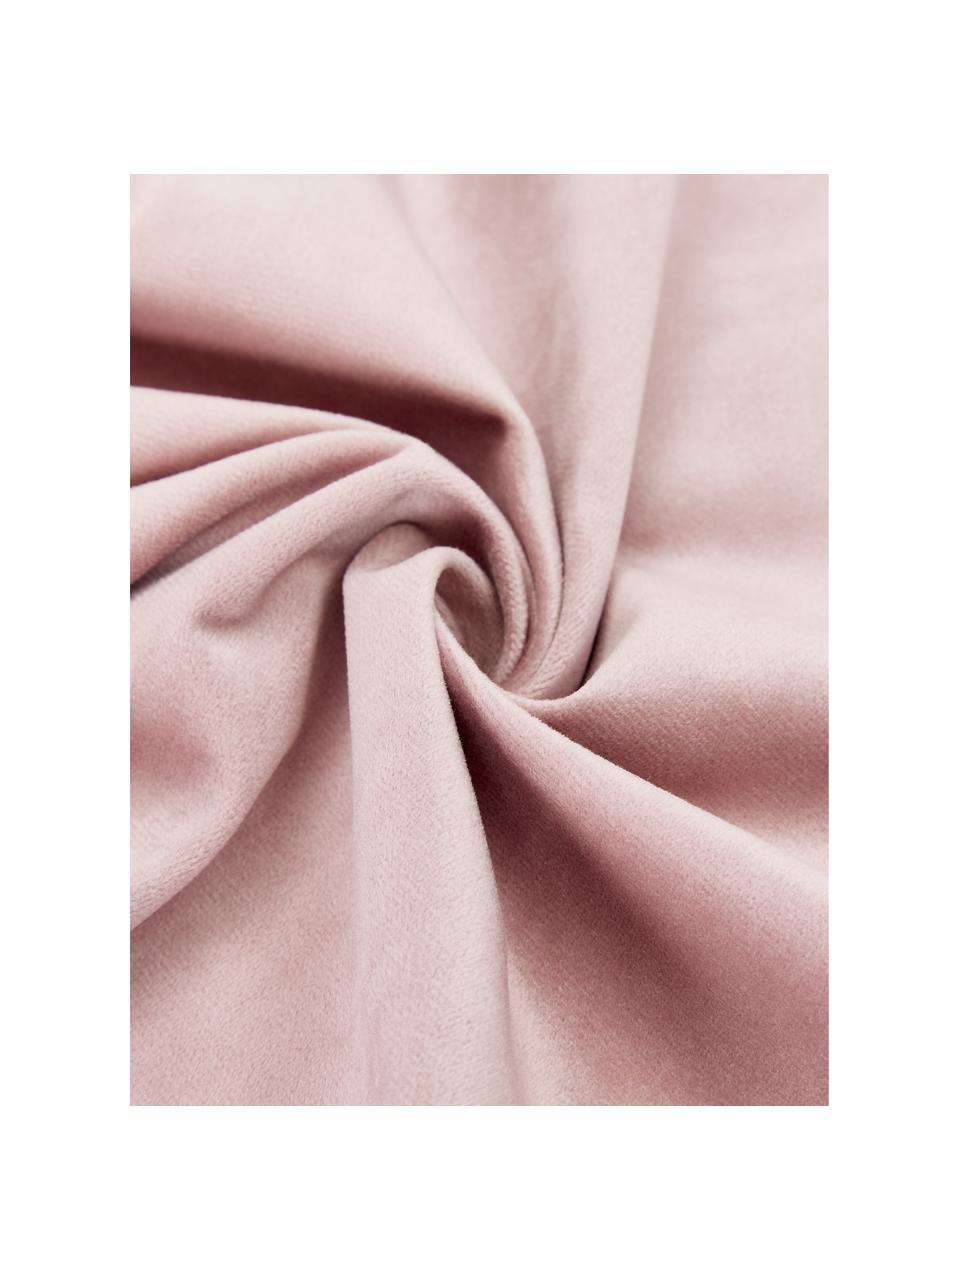 Fluwelen kussenhoes Lucie in roze met structuur-oppervlak, 100% fluweel (polyester) Houd er rekening mee dat fluweel lichter of donkerder lijkt afhankelijk van de lichtinval en de richting waarin de polen liggen., Oudroze, 45 x 45 cm